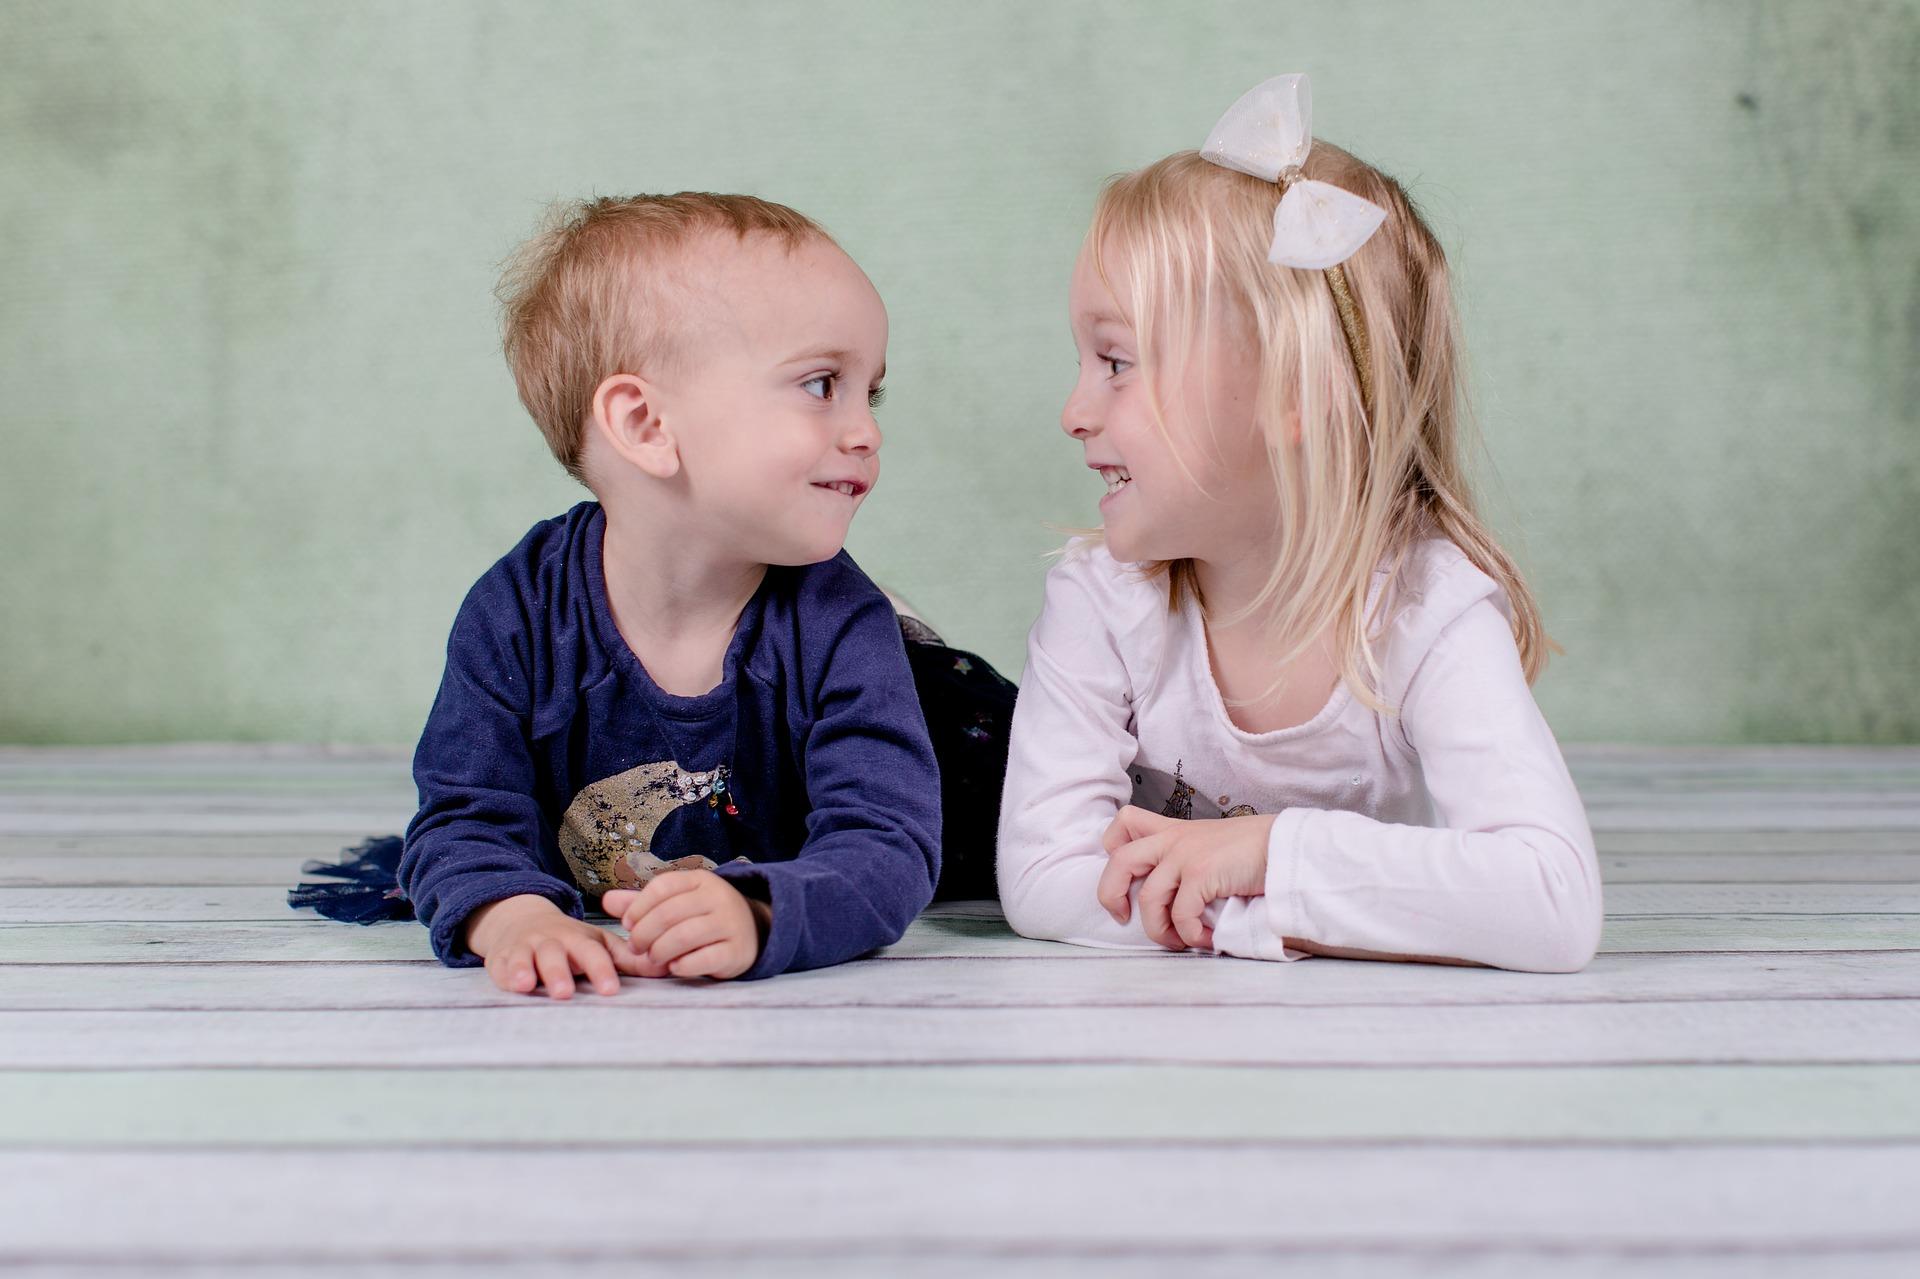 Kardeş kıskançlığını önlemek